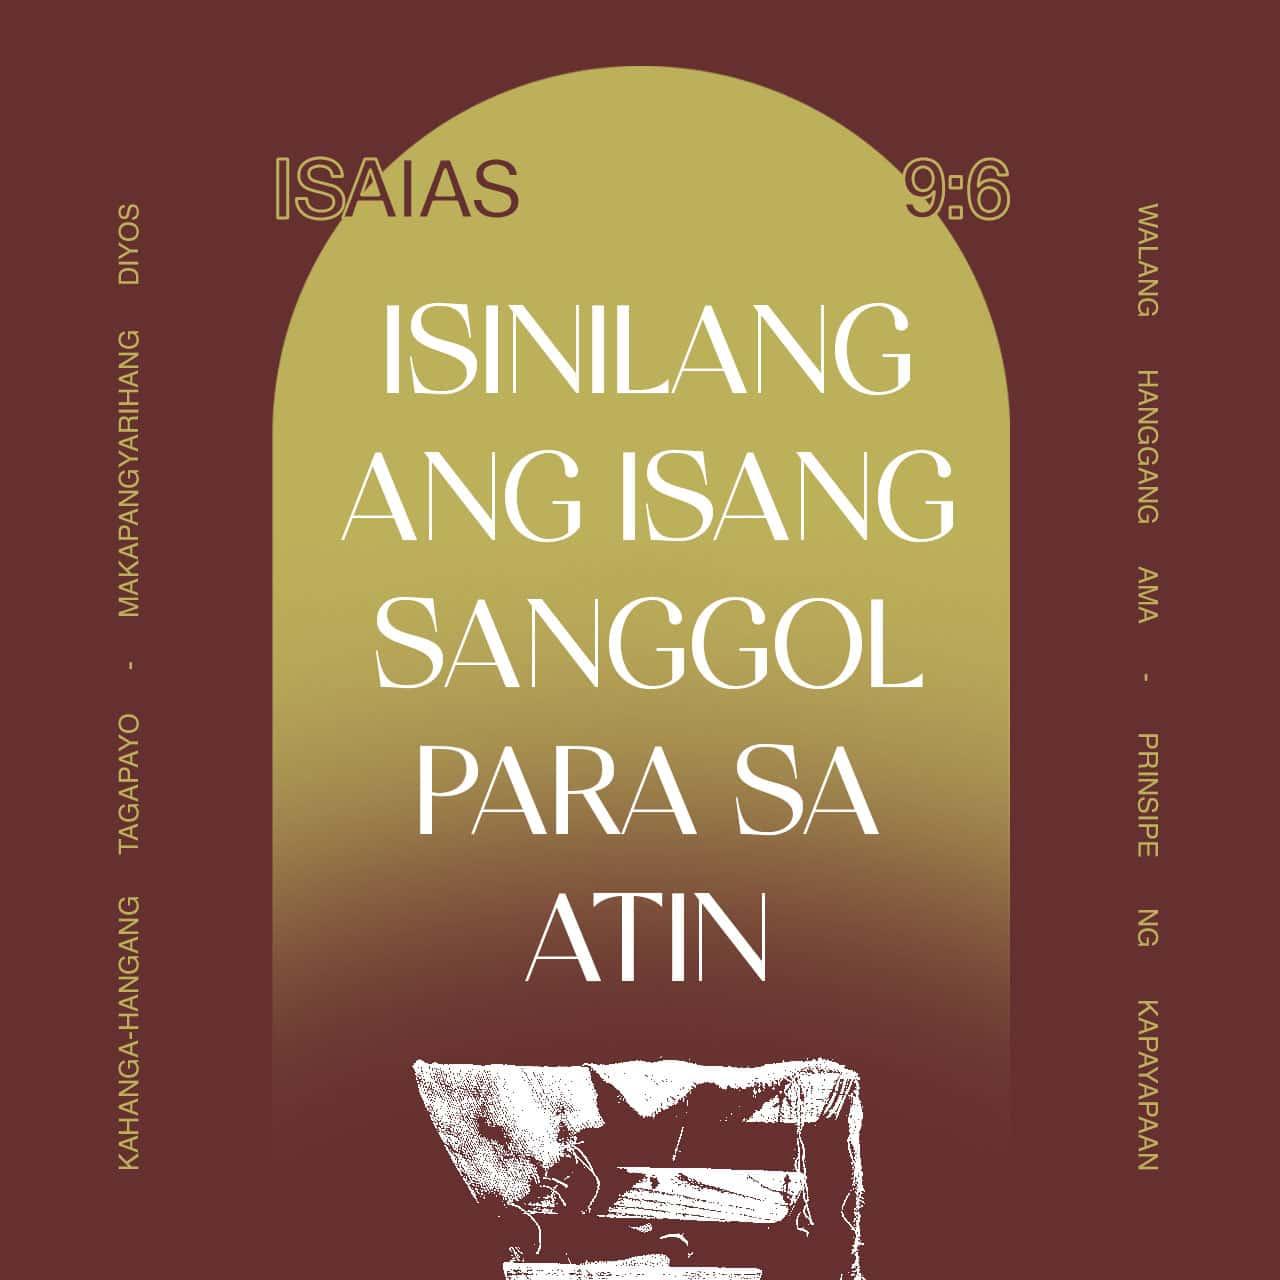 Sapagkat isinilang ang isang sanggol para sa atin - Isaias 9:6 - Bersikulong Larawan